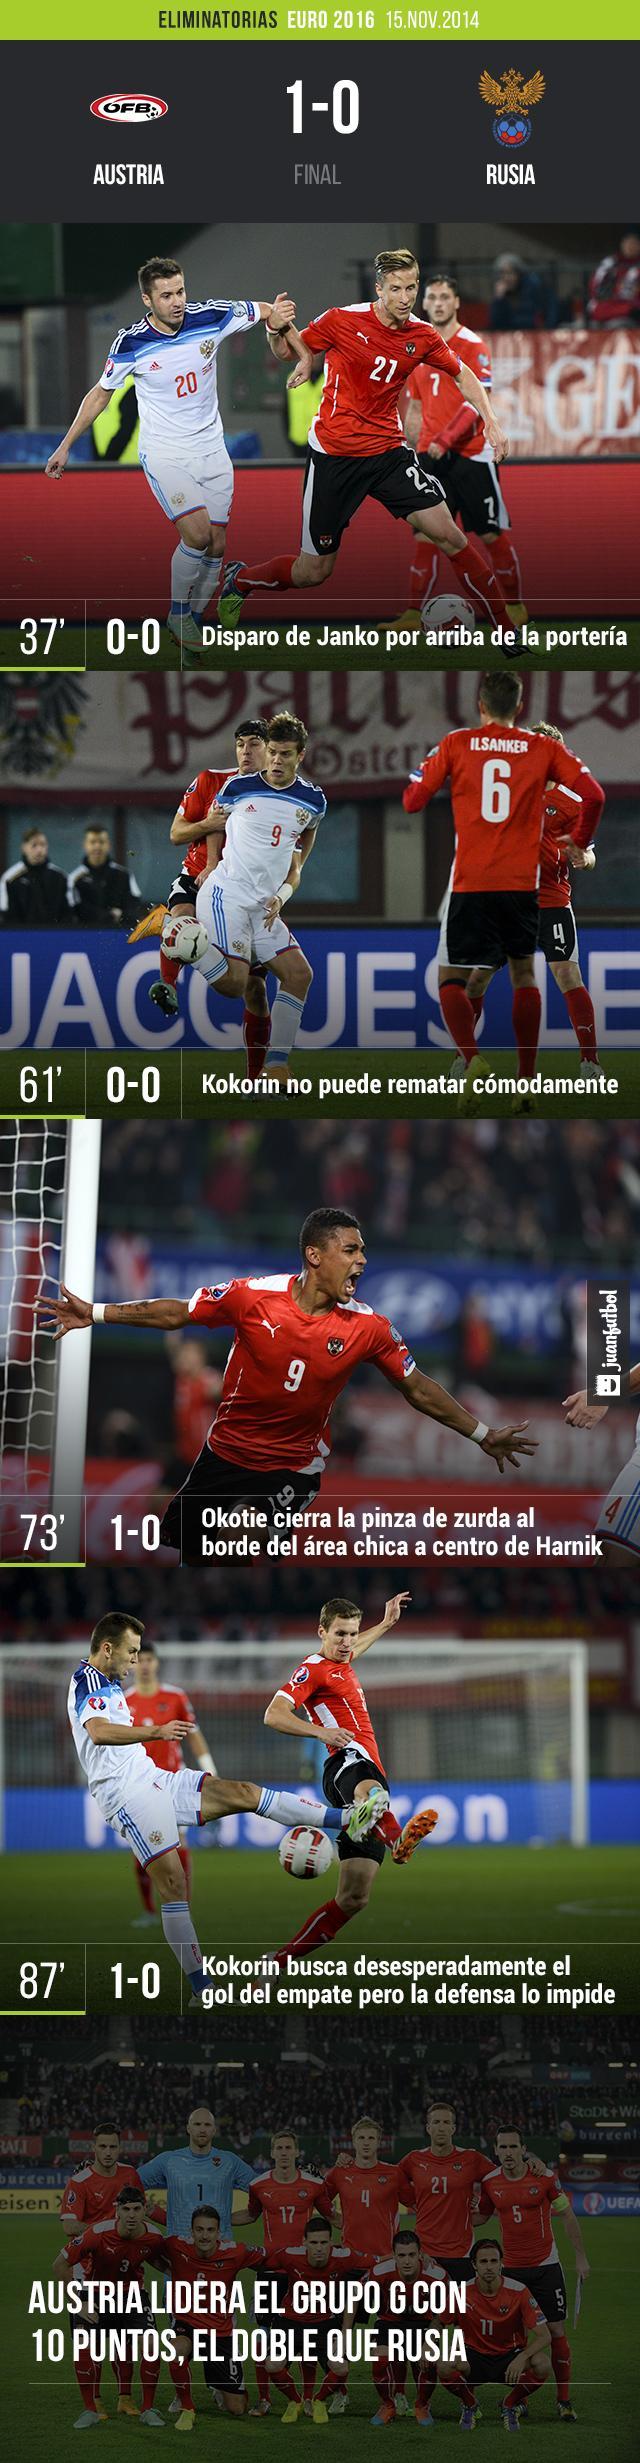 Cae la Rusia de Capello 1-0 con Austria, el gol lo hizo Okotie que entró de cambio en el segundo tiempo